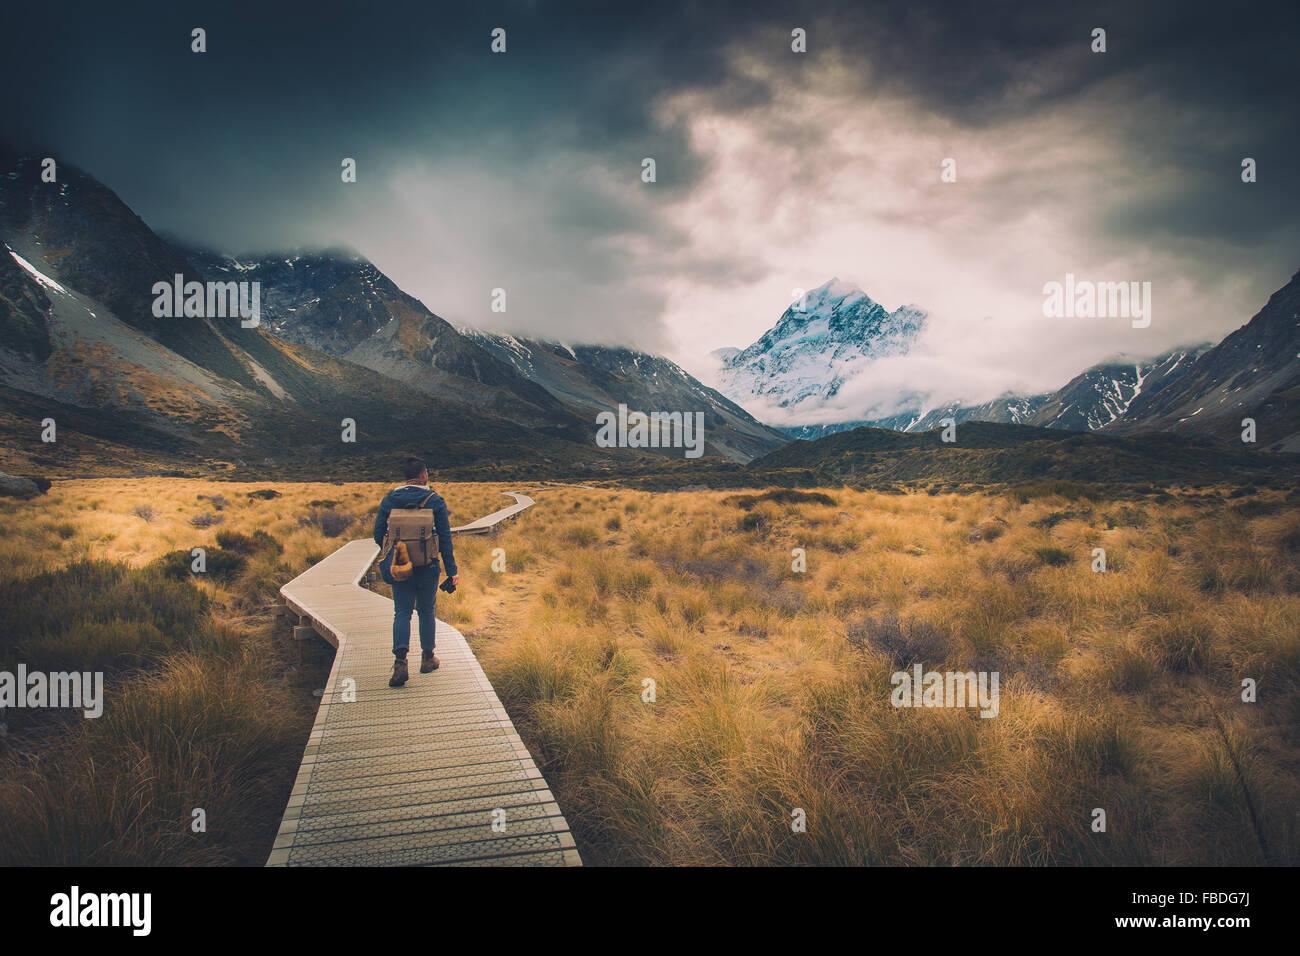 Homme Marchant sur chemin de montagne Photo Stock